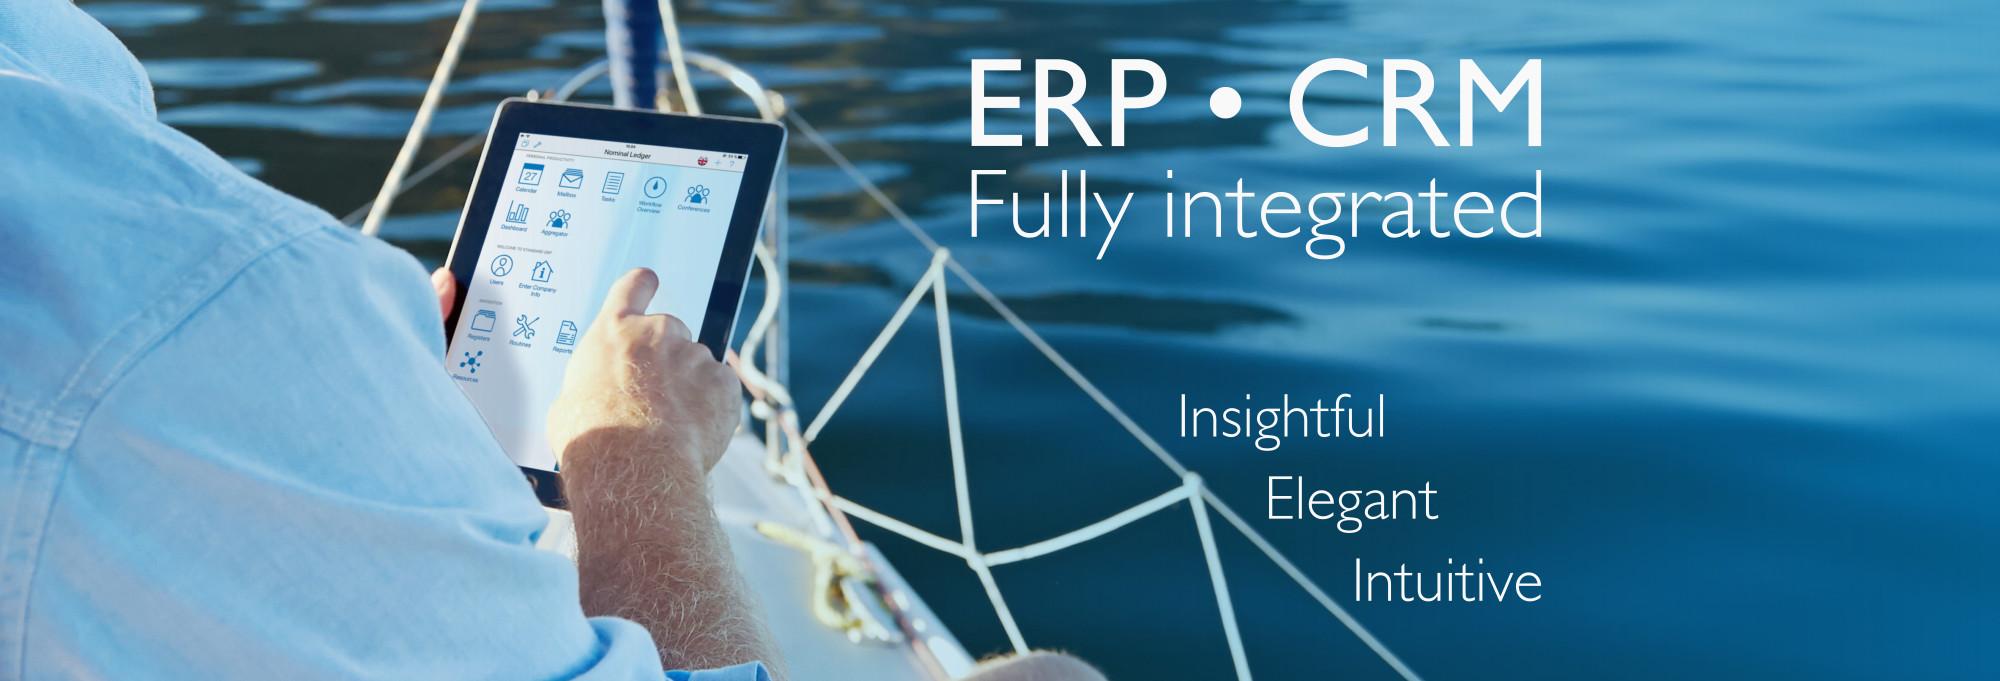 Čo znamená skratka ERP ? - Obrazok blog